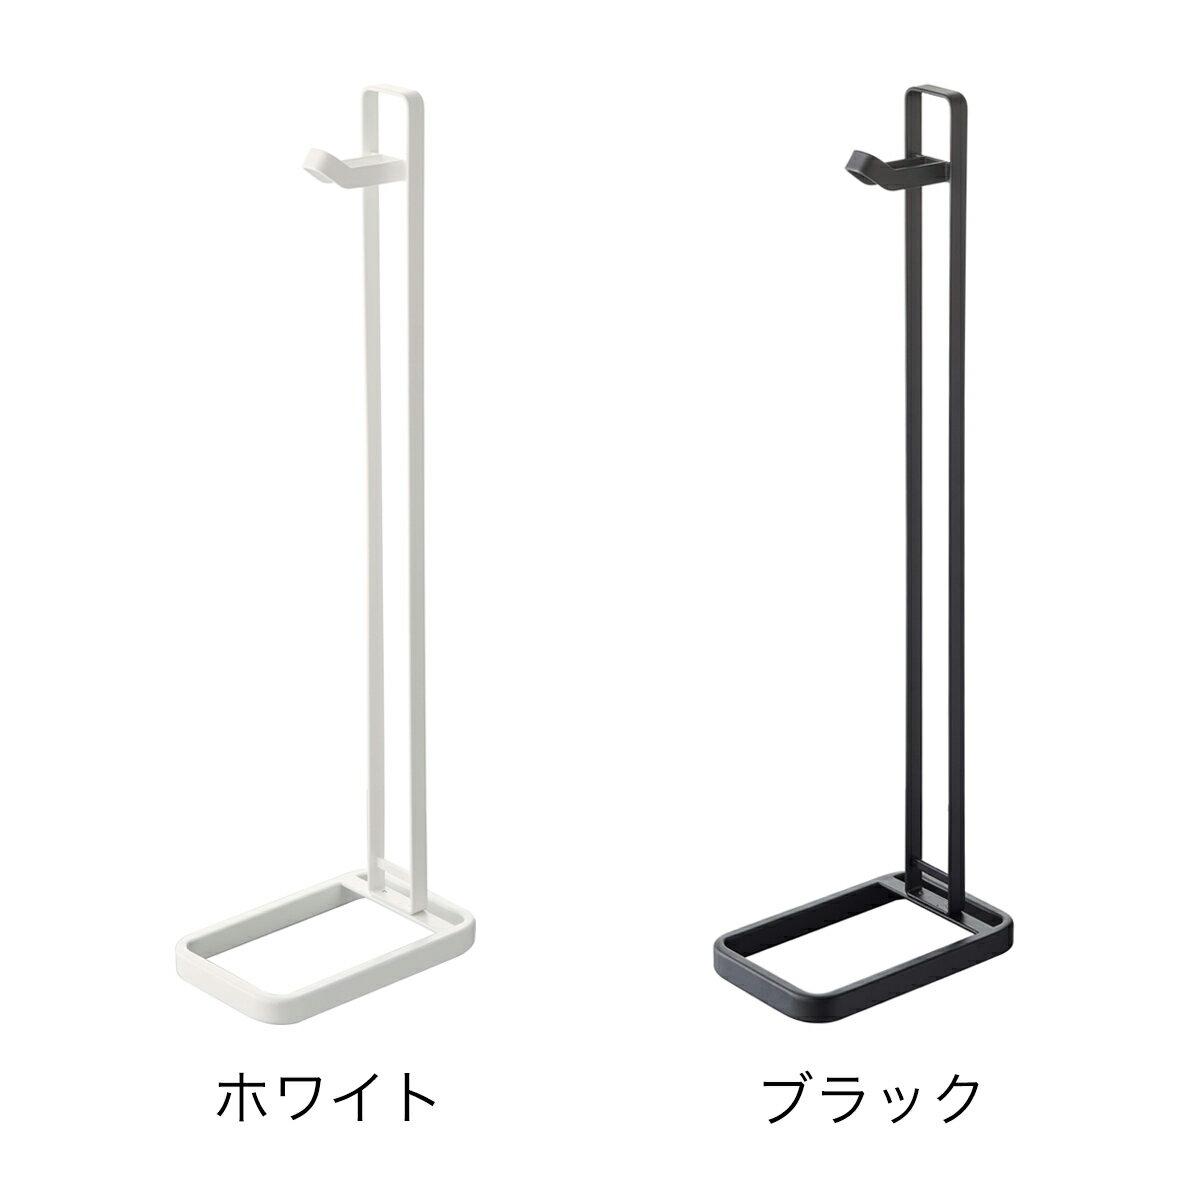 日本Tower  /  居家生活 兒童滑步車 置物架  /  roomy-ymz19jan24h45  /  日本必買 日本樂天直送(3730) /  件件含運 2